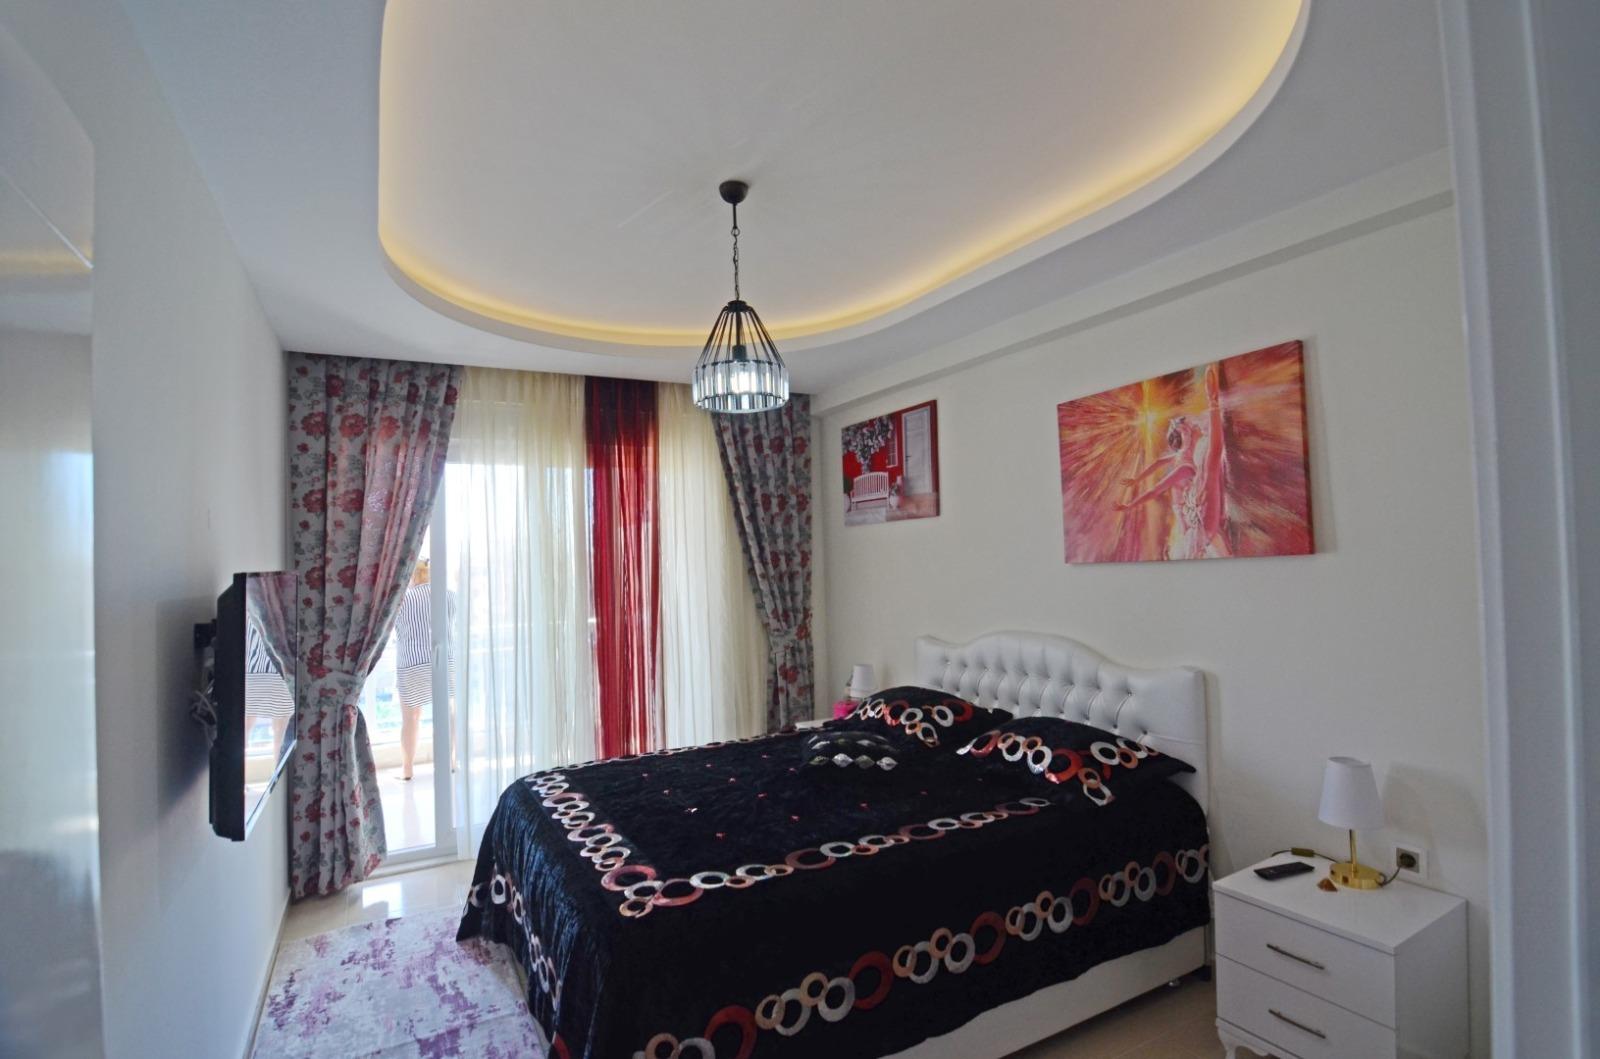 Меблированные апартаменты 1+1 в  Махмутлара - Фото 10